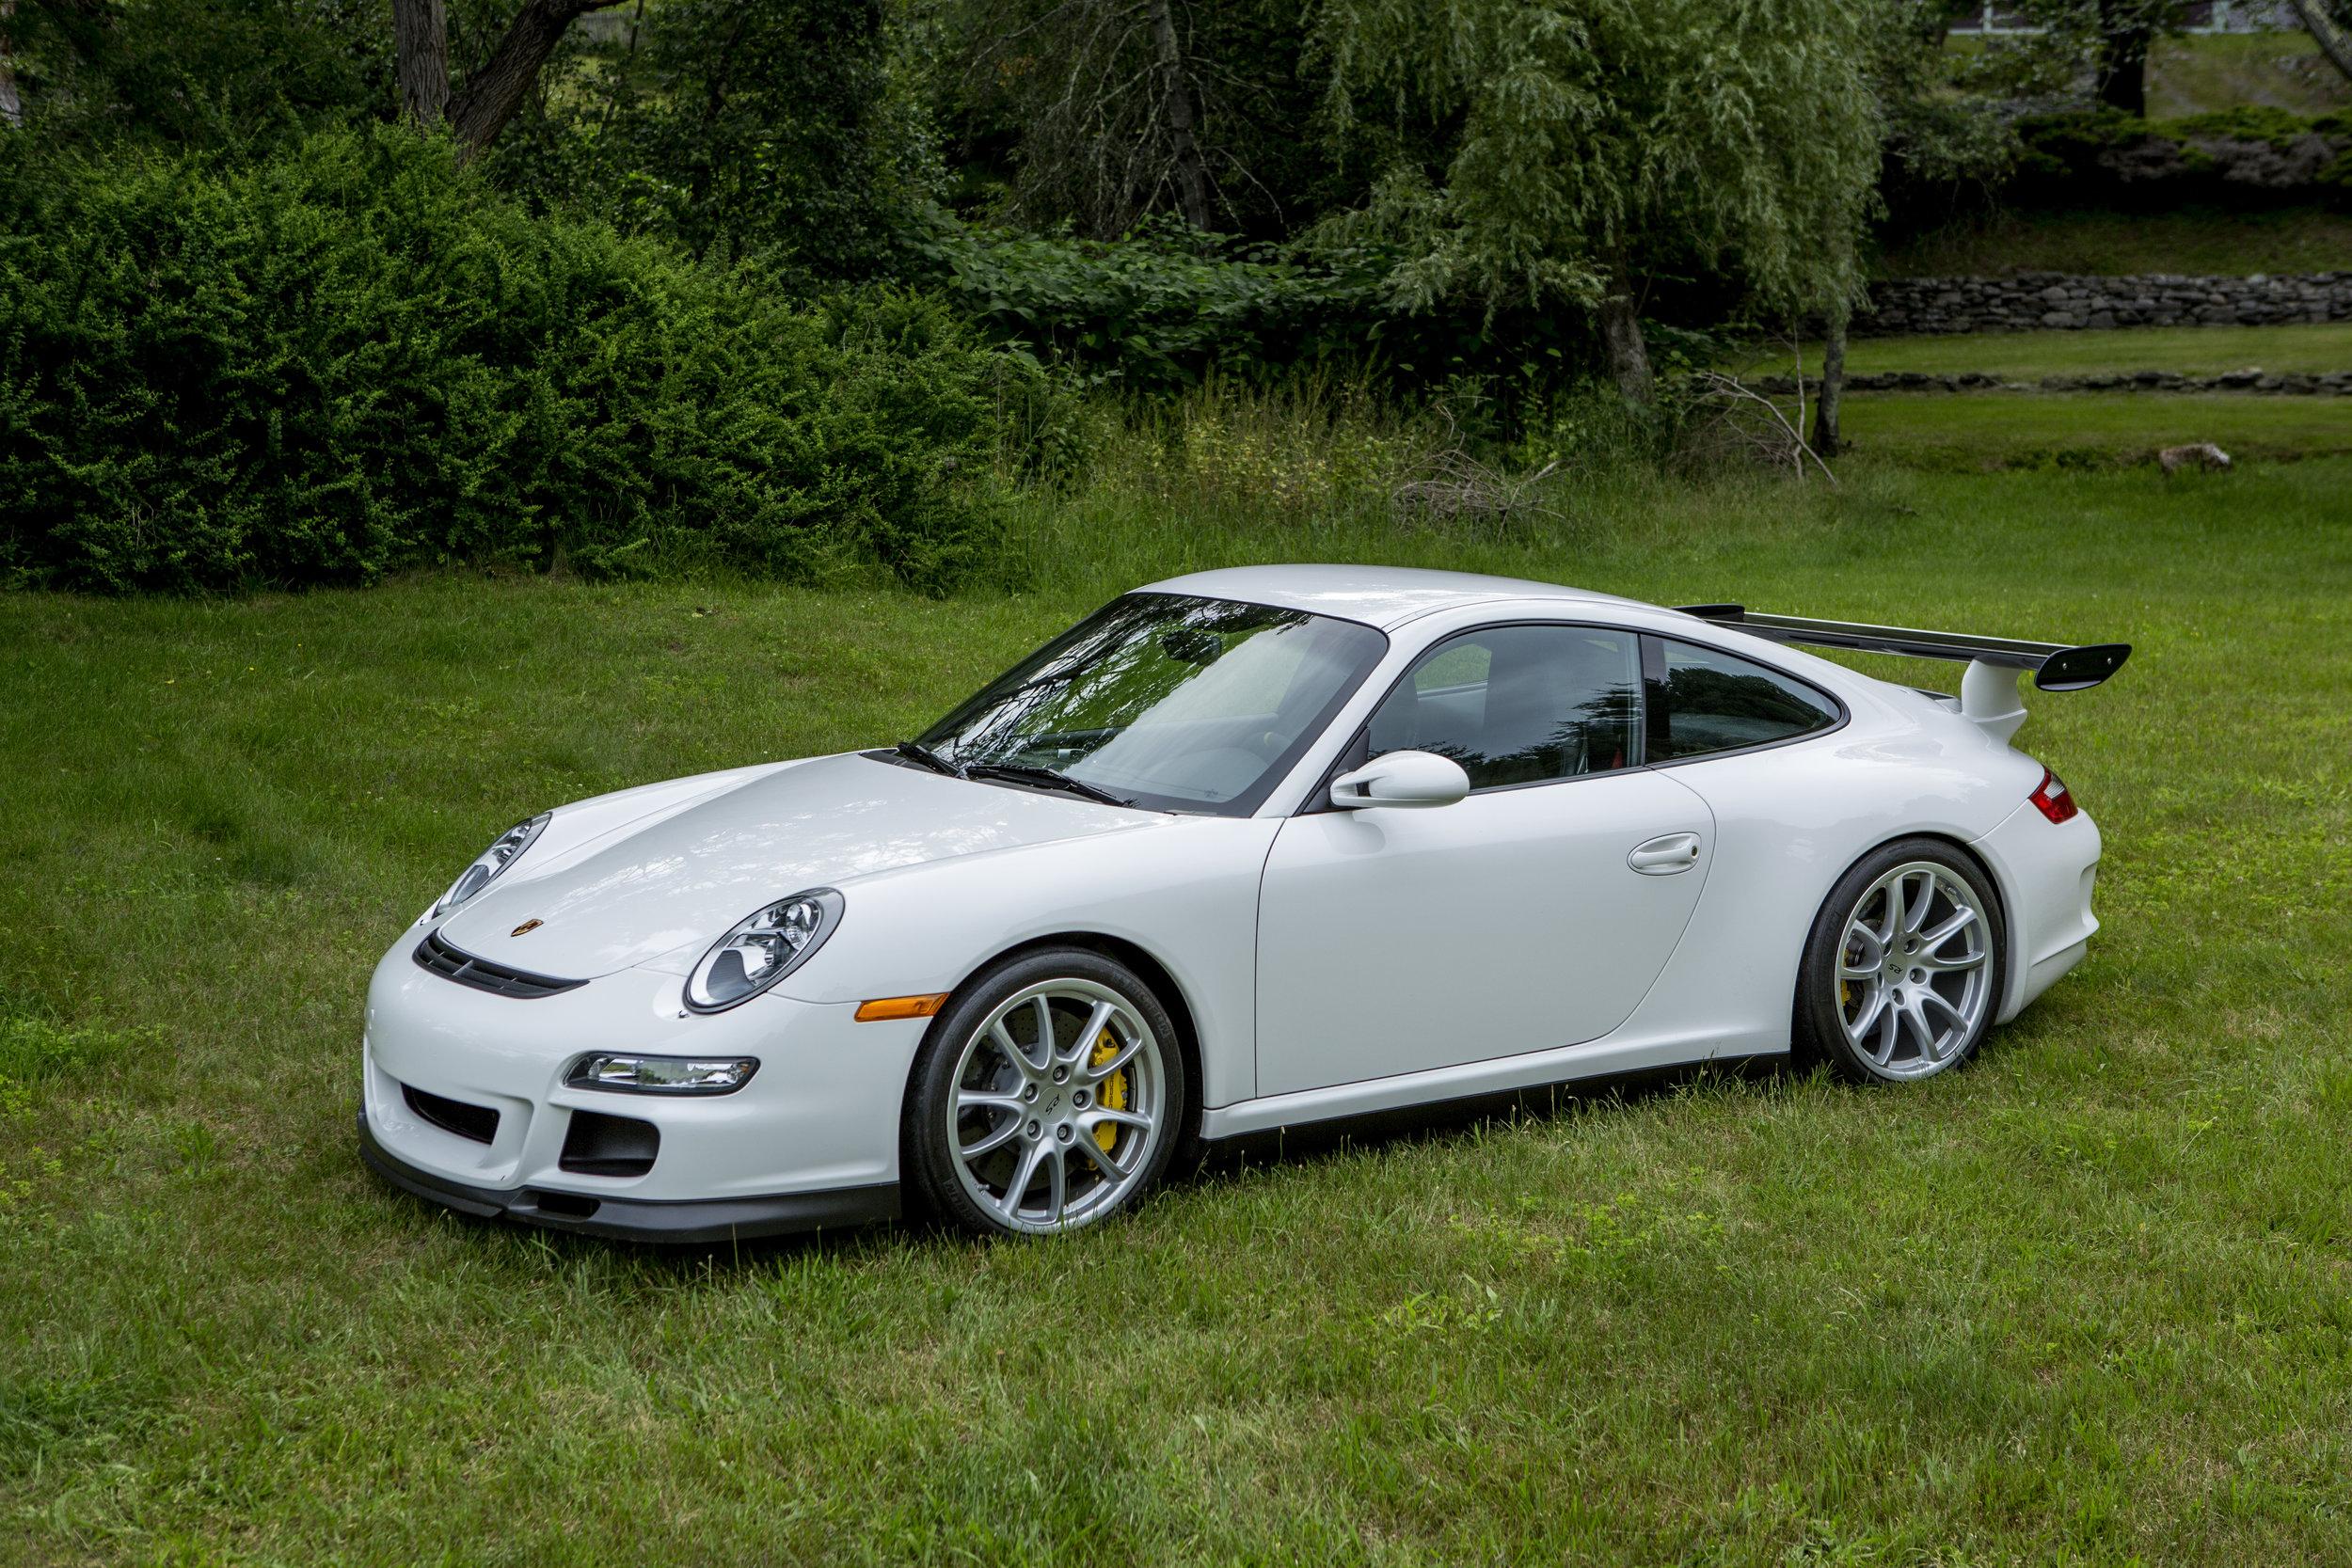 2007 Porsche GT3 RS - Pre-Facelift - Factory Graphics Delete - SOLD